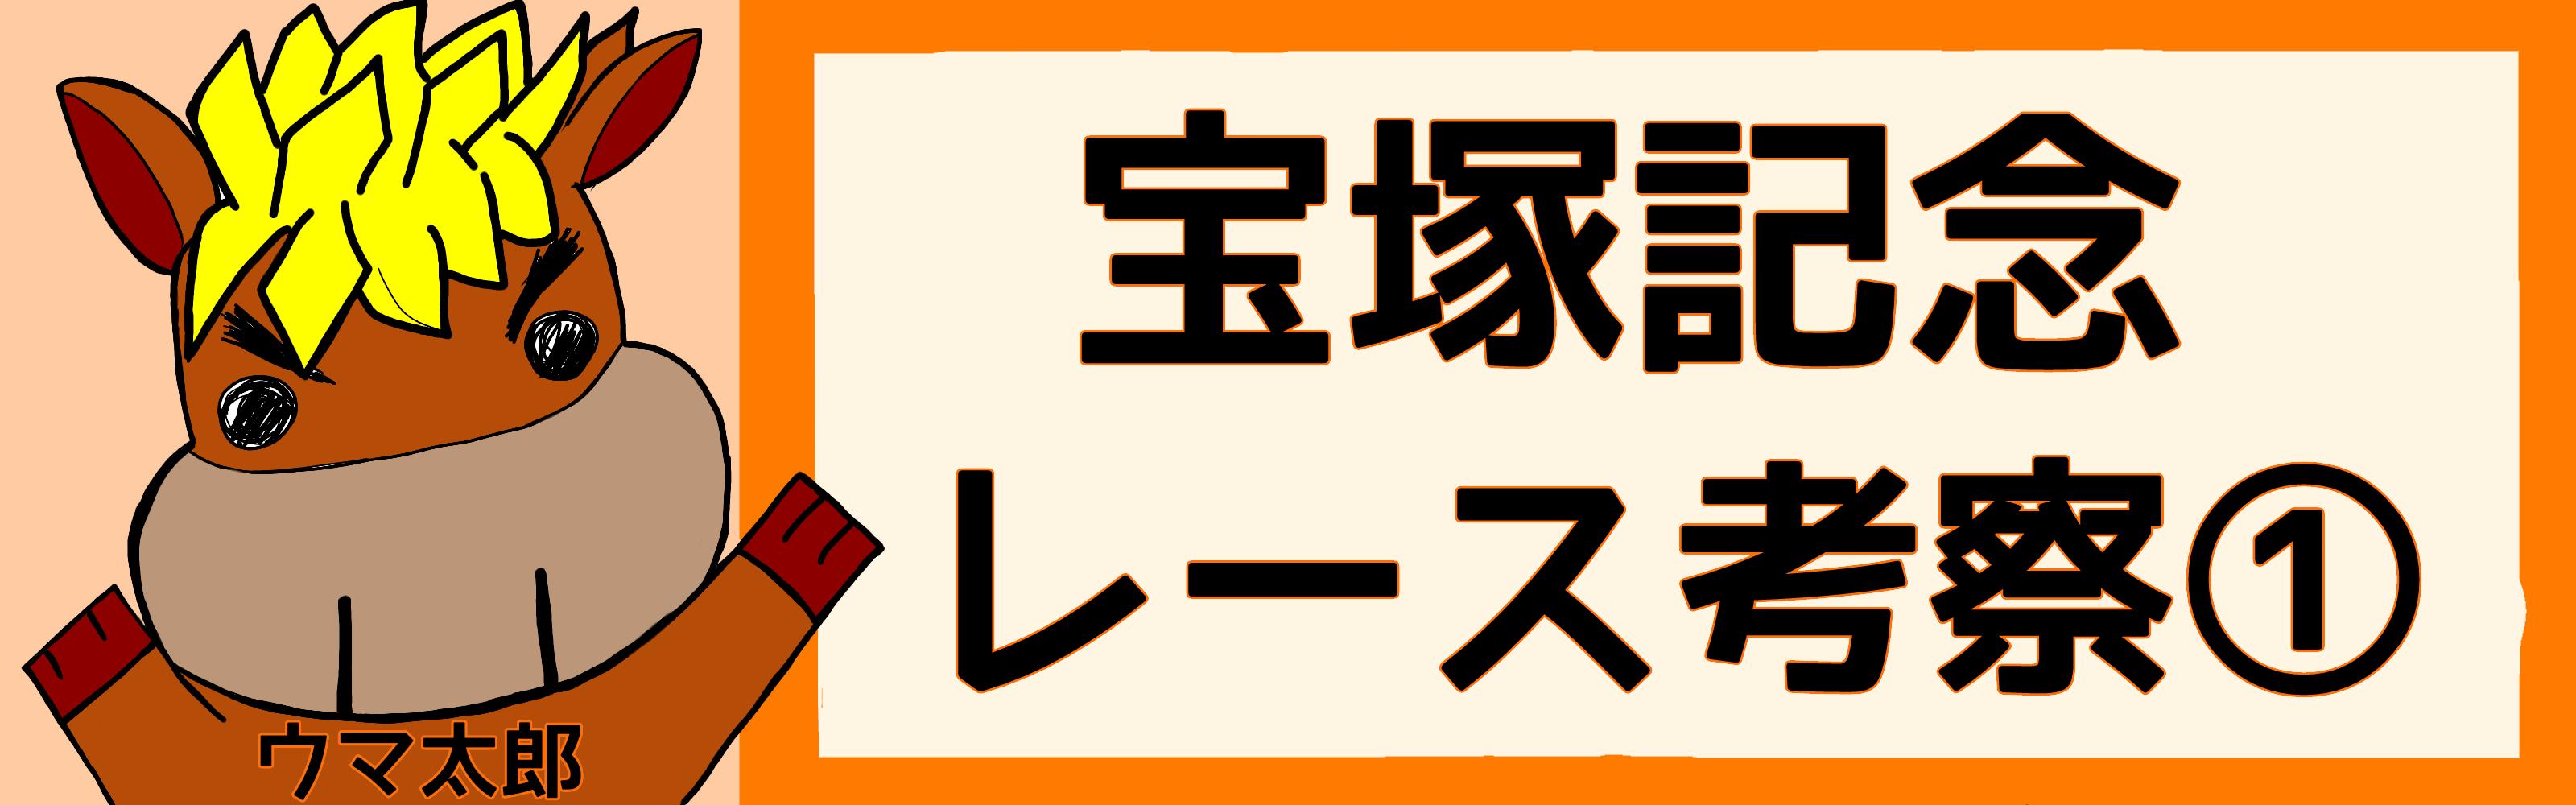 宝塚記念考察①